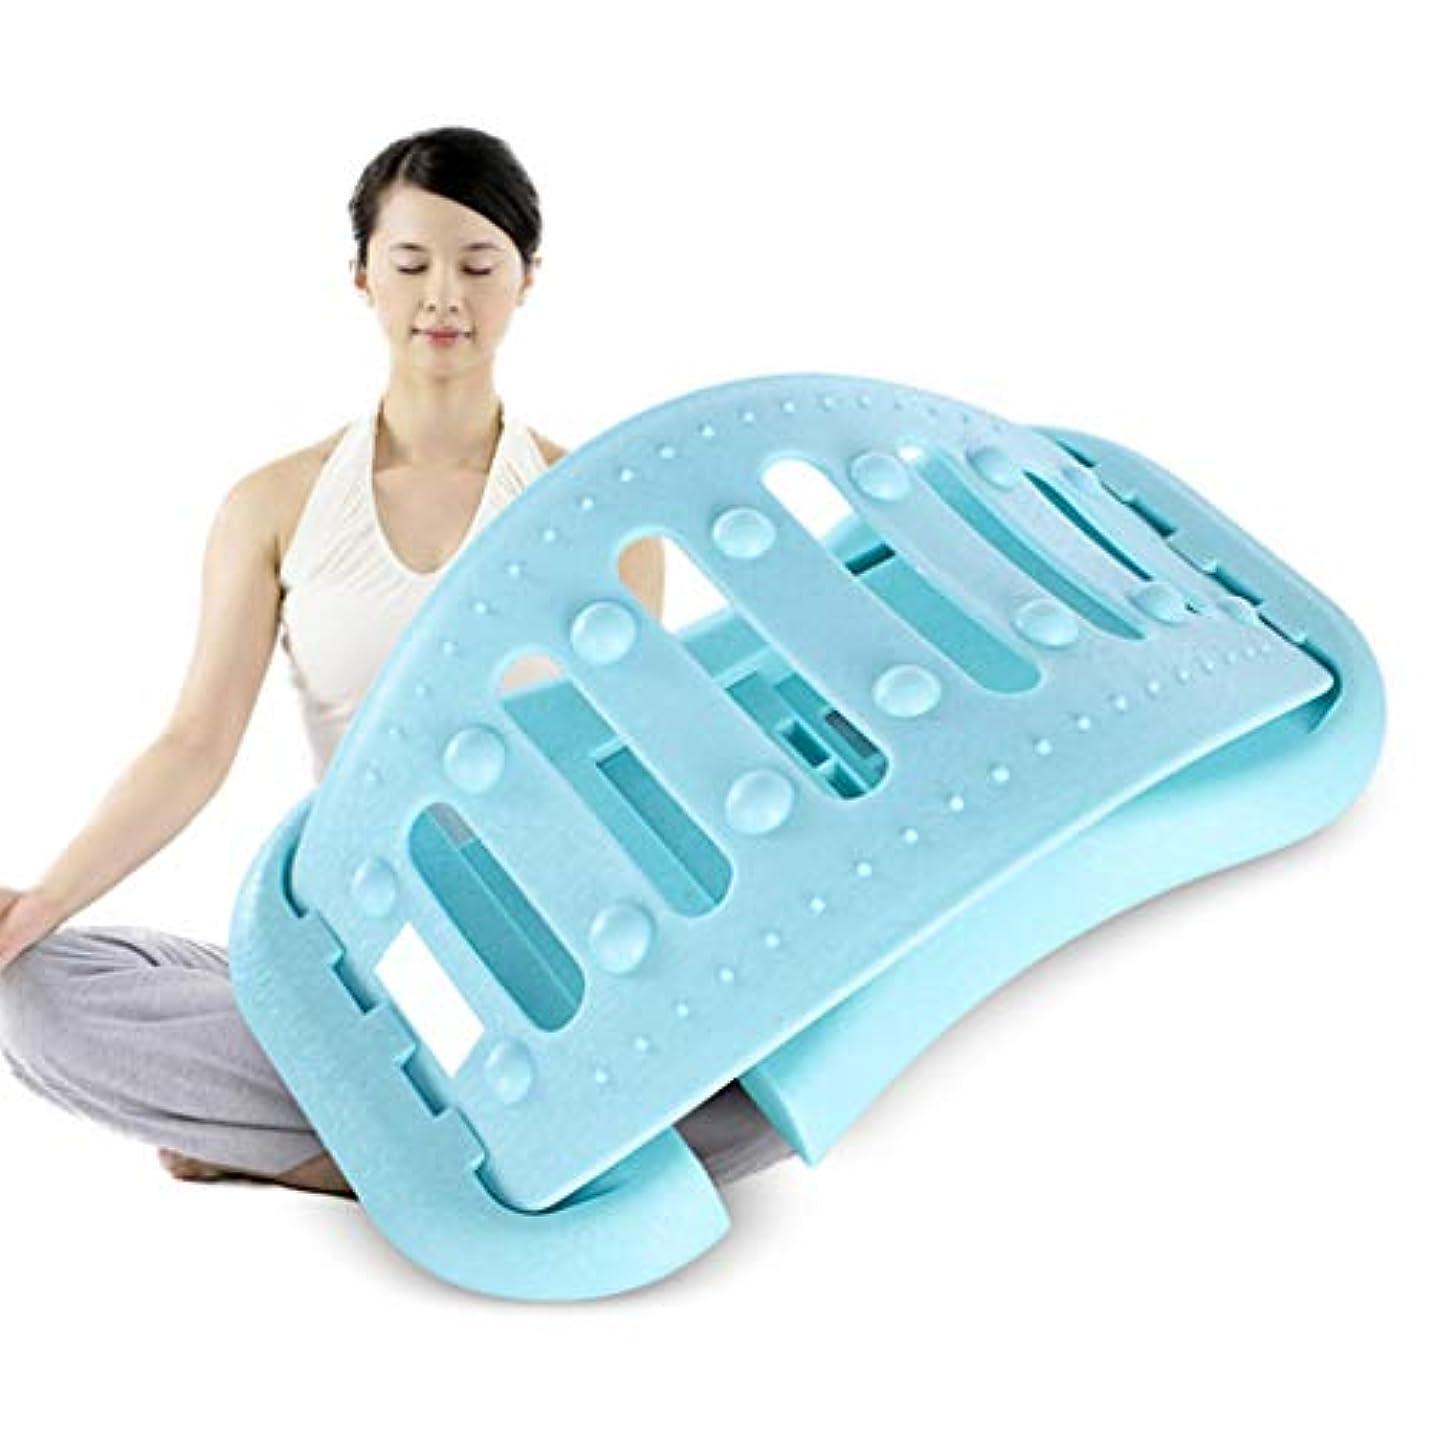 多機能バックマッサージャーストレッチャーの磁石アーチマジックランバーネックサポートデバイス脊椎リラクゼーションカイロプラクティック痛み緩和